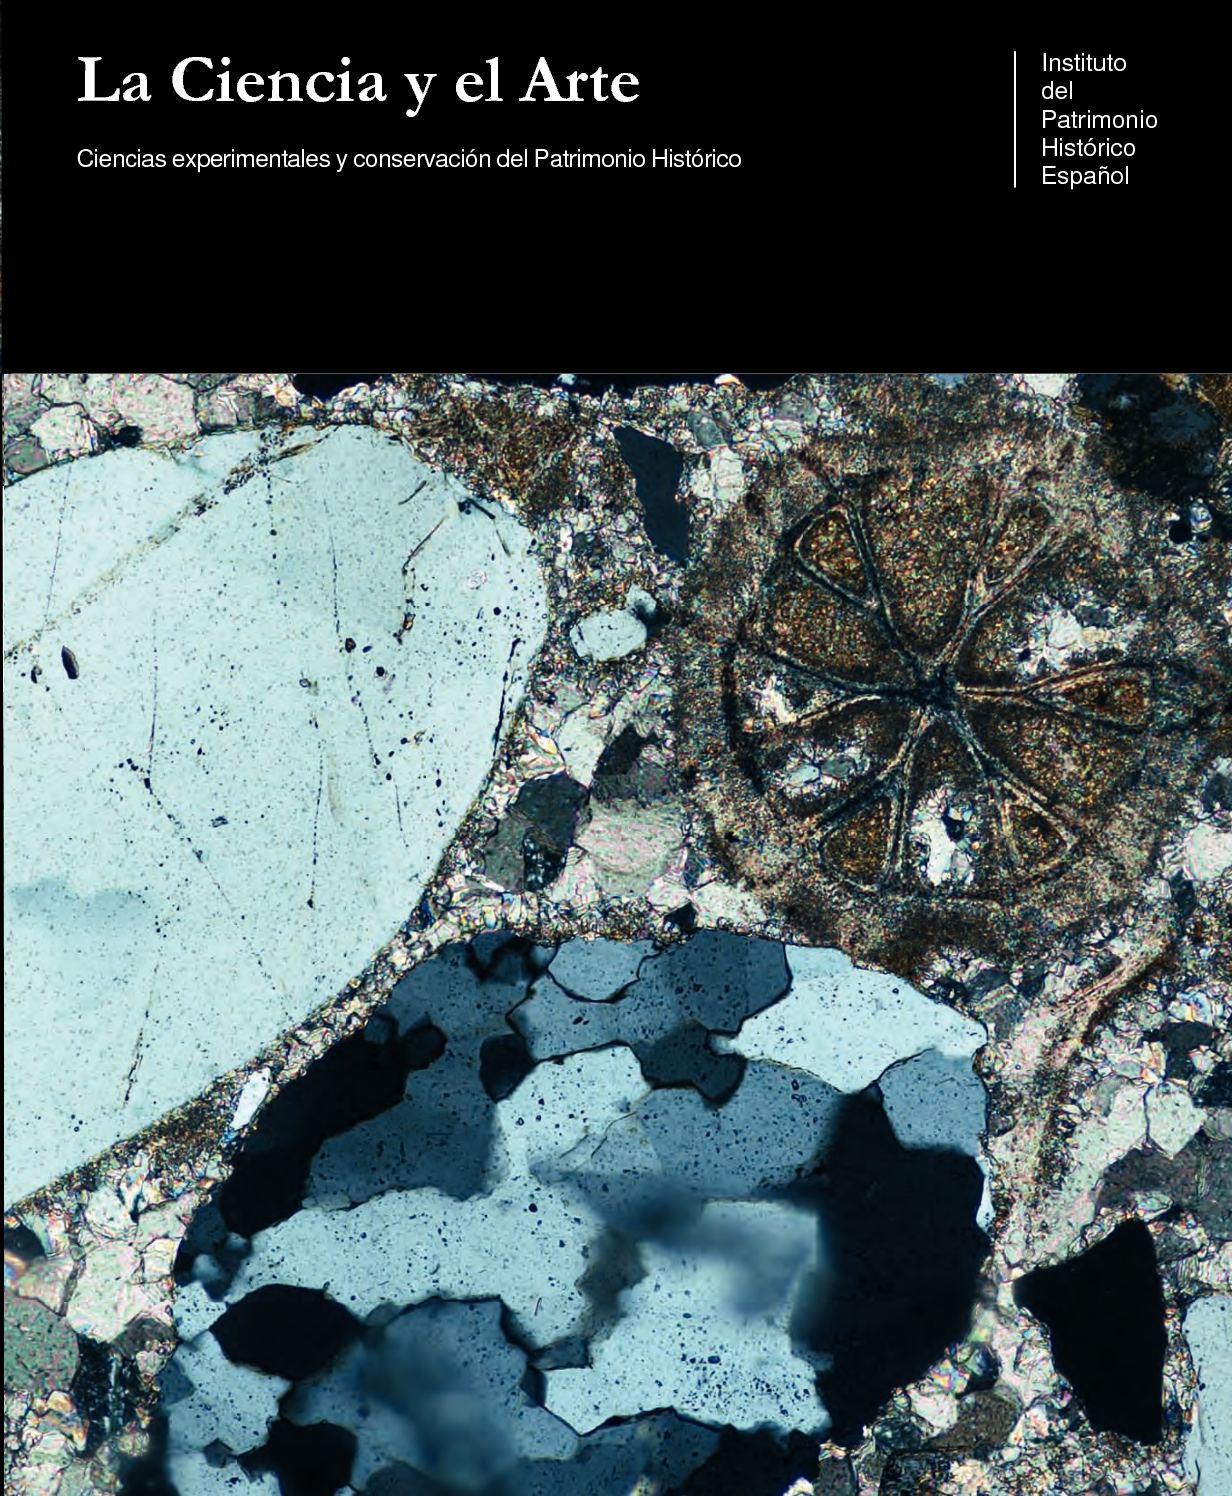 e0520d7a59 Calaméo - La Ciencia y el Arte. Ciencias experimentales y conservación del  Patrimonio Histórico